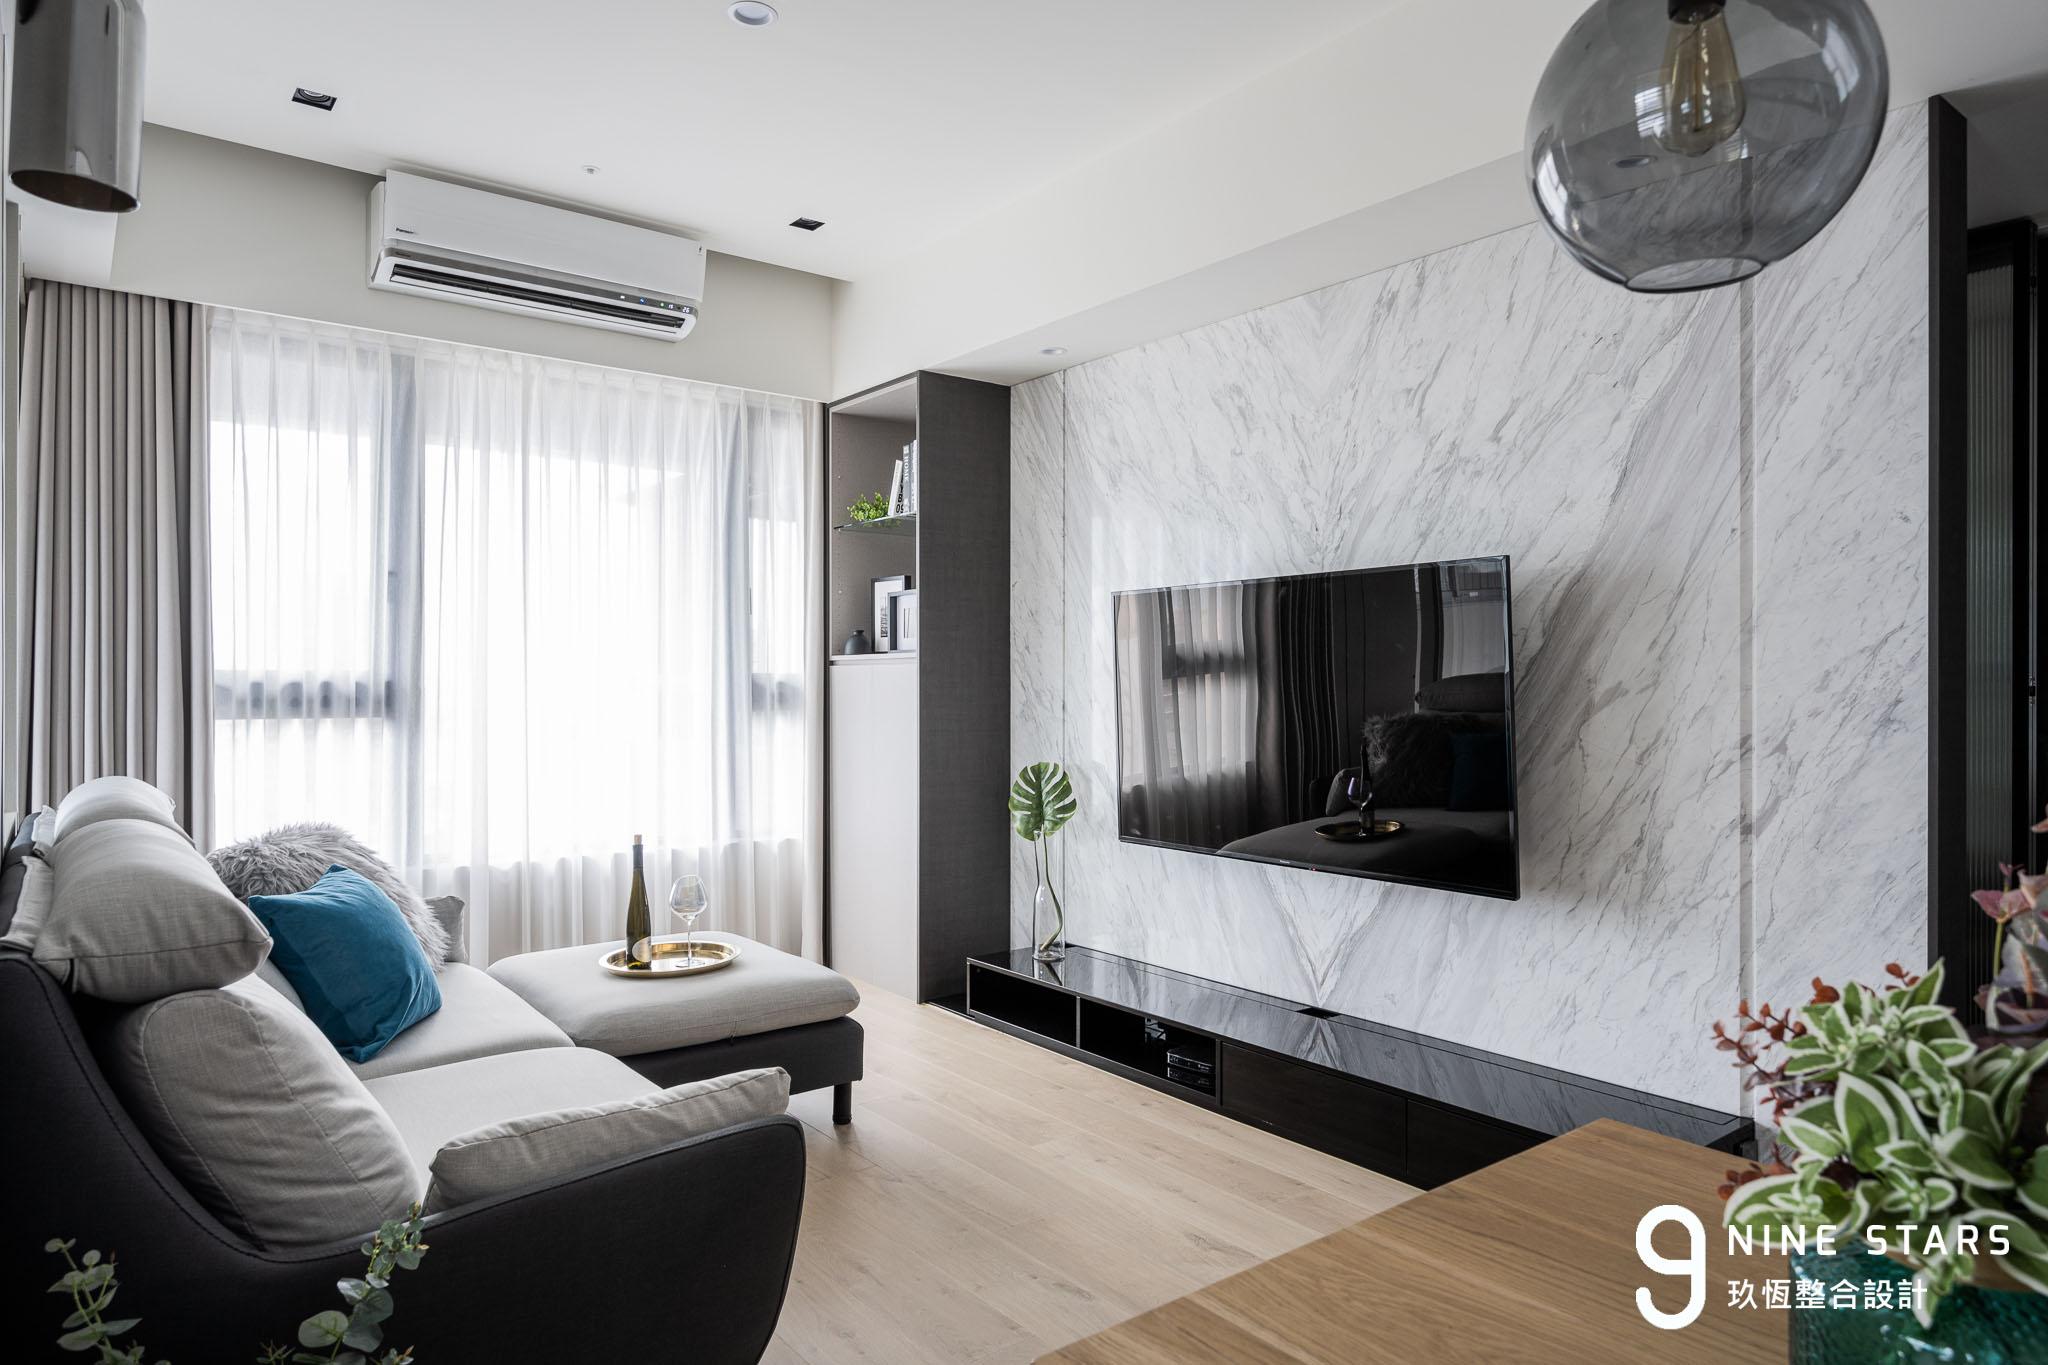 【在家工作生活新提案:20坪小三房!輕奢美感+生活便利何必妥協】